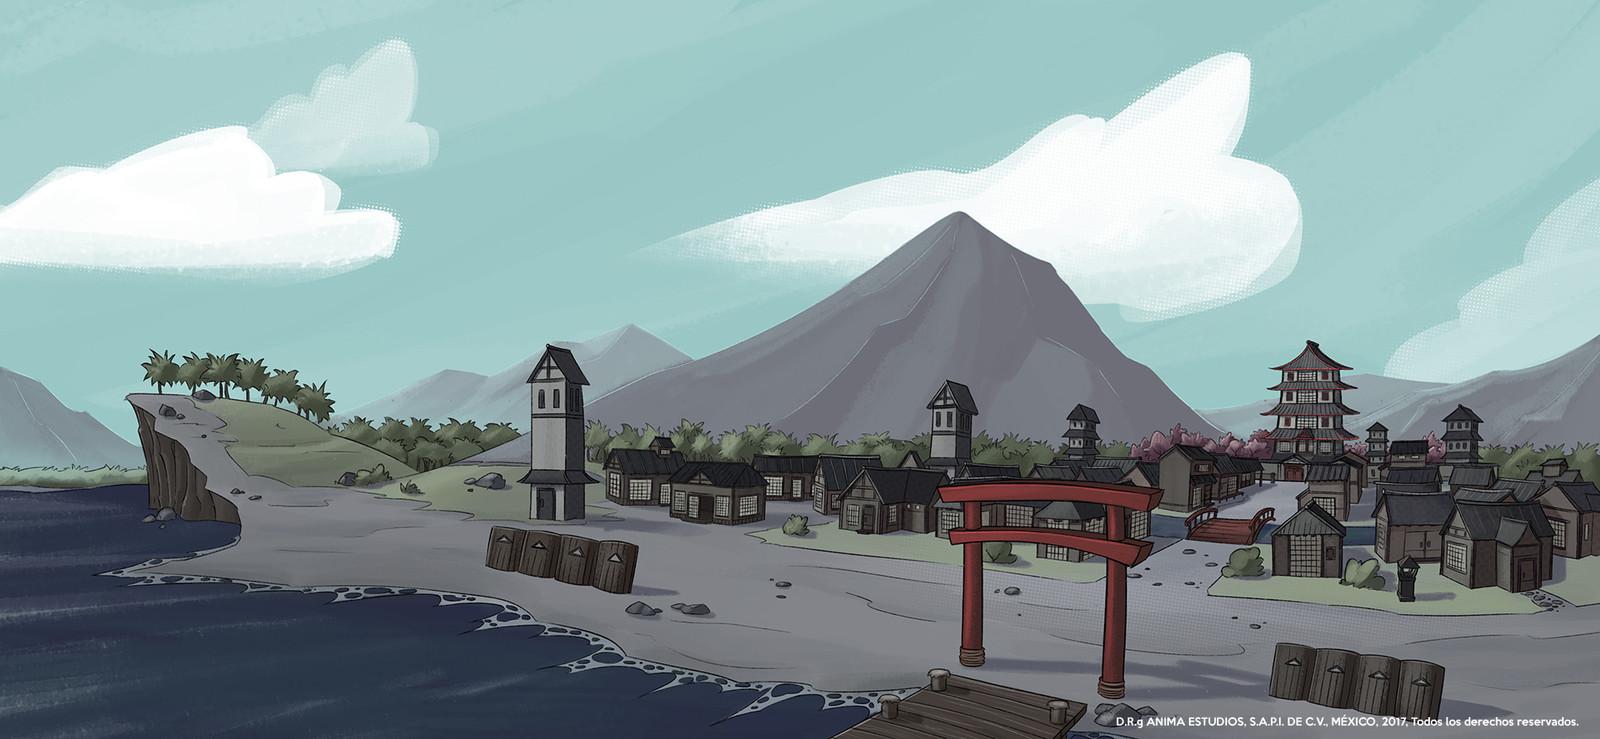 Stablishing shot for the japanese village.